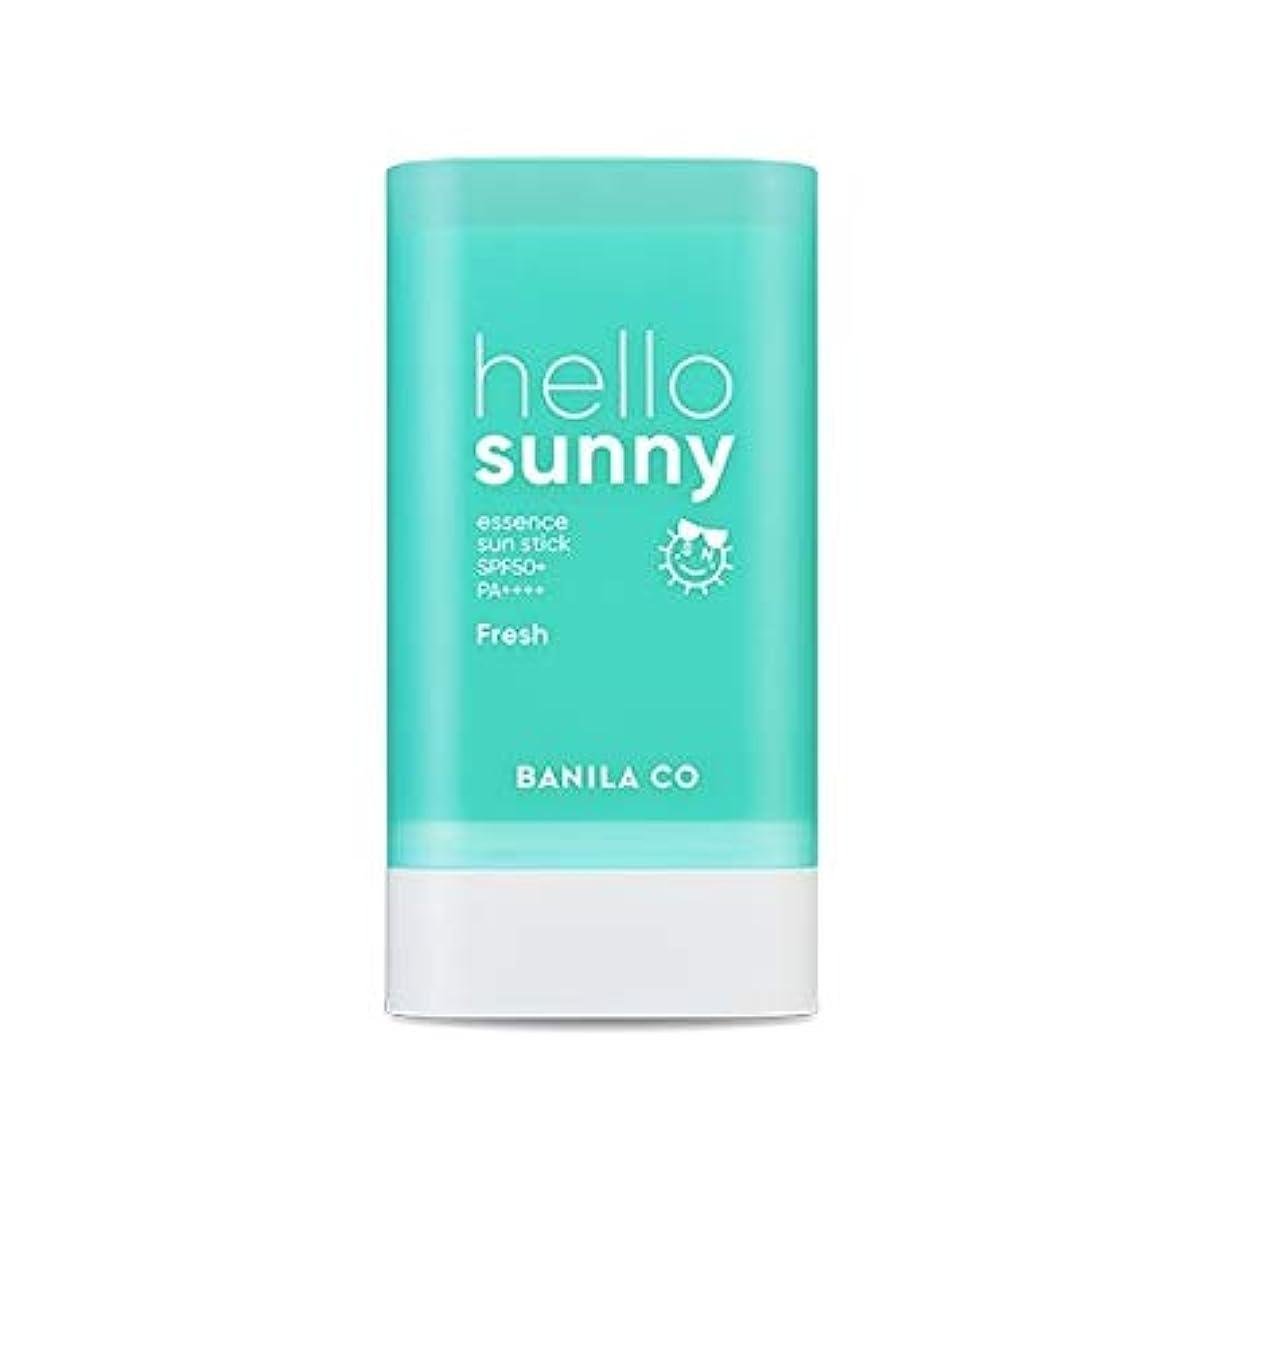 困惑中性エンコミウムbanilaco ハローサニーエッセンスサンスティックフレッシュ/Hello Sunny Essence SunStick Fresh 18.5g [並行輸入品]